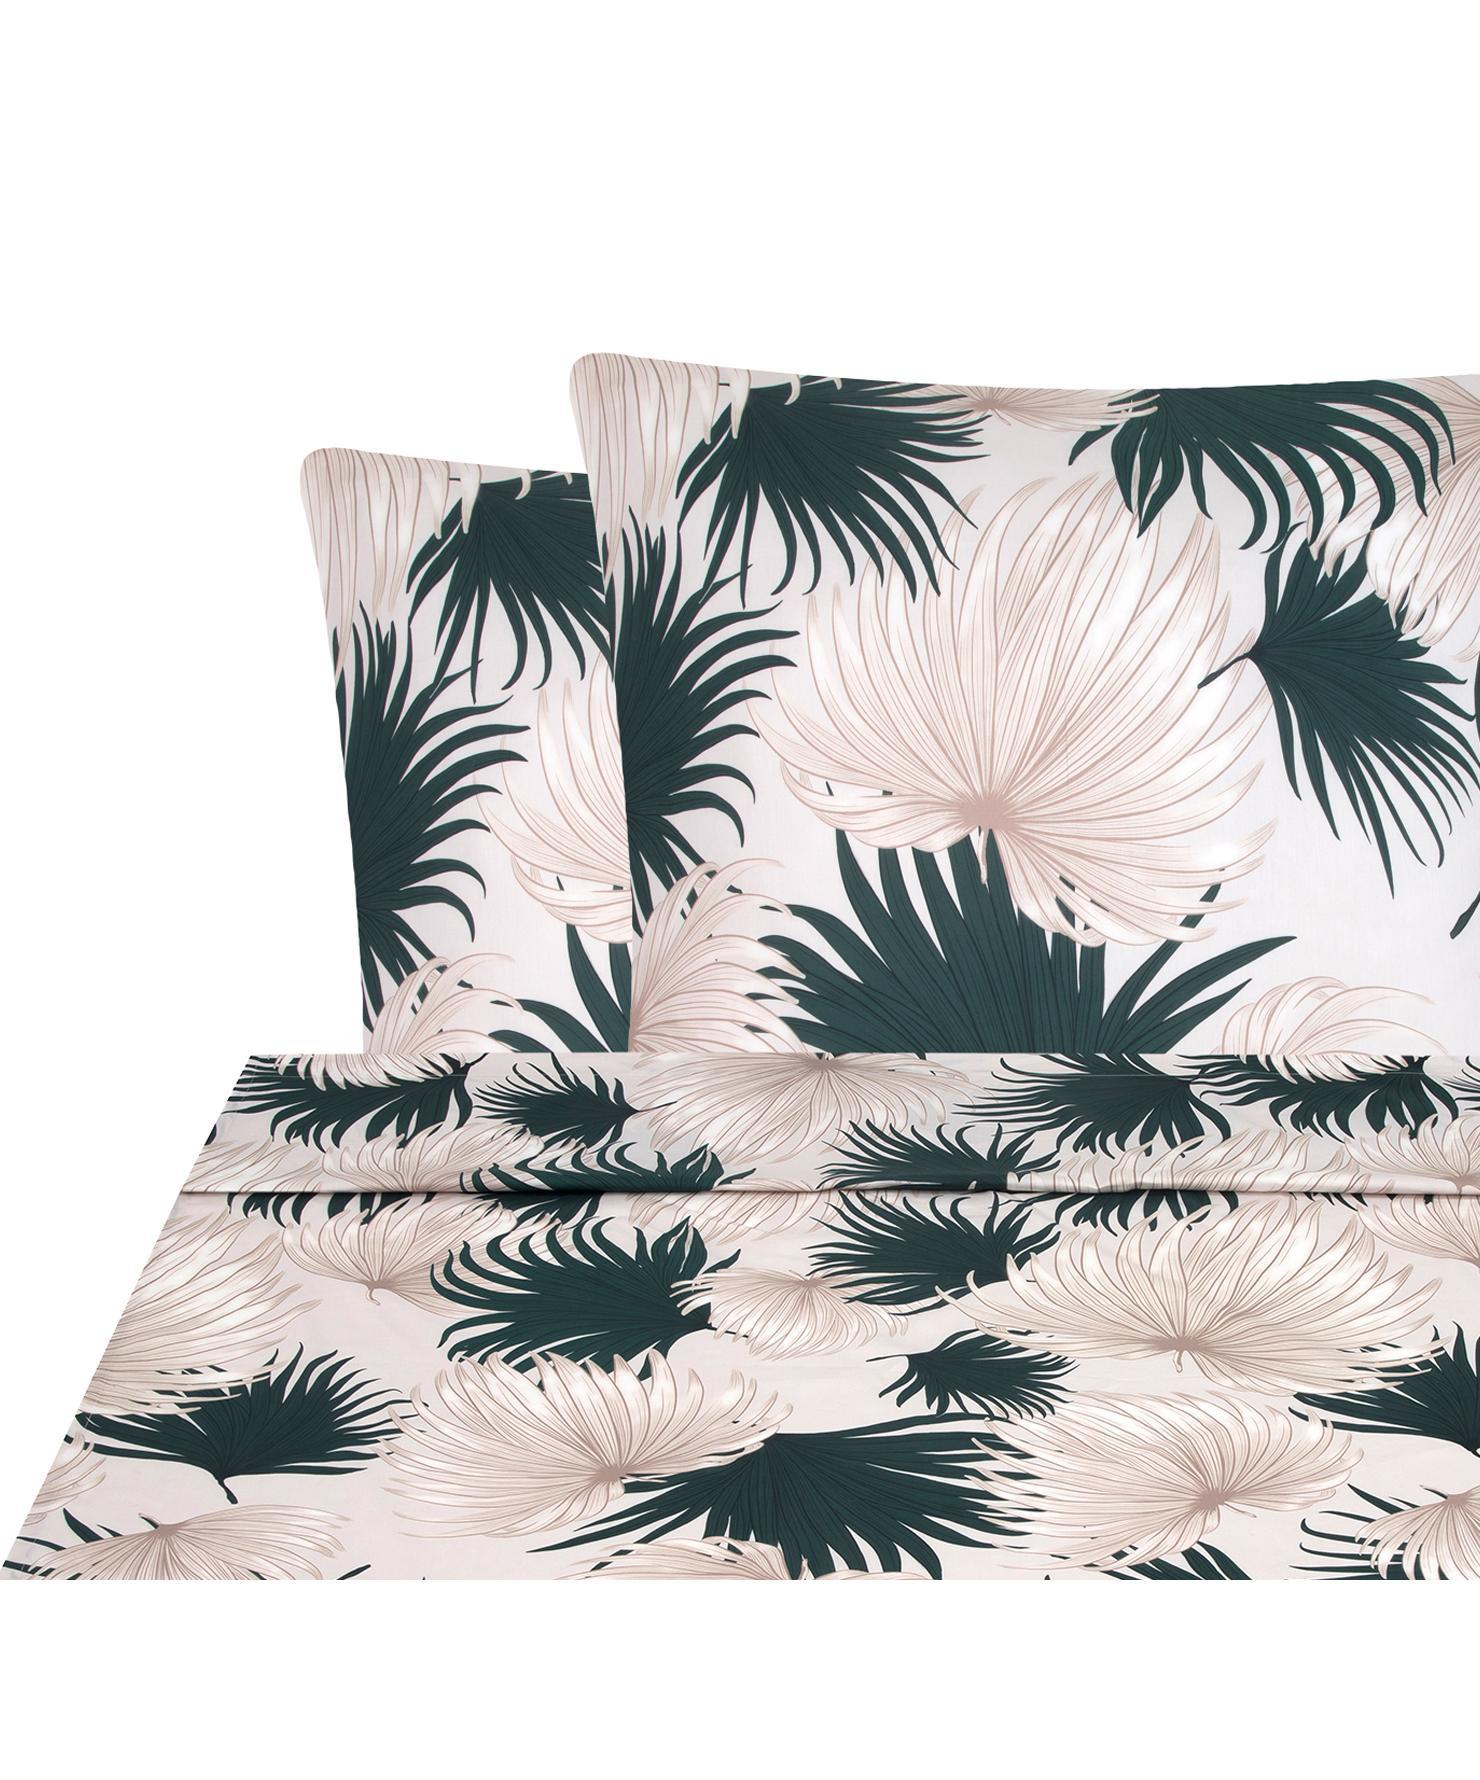 Set lenzuola in raso di cotone Aloha 2 pz, Tessuto: raso, Fronte: beige, verde Retro: beige, 240 x 300 cm